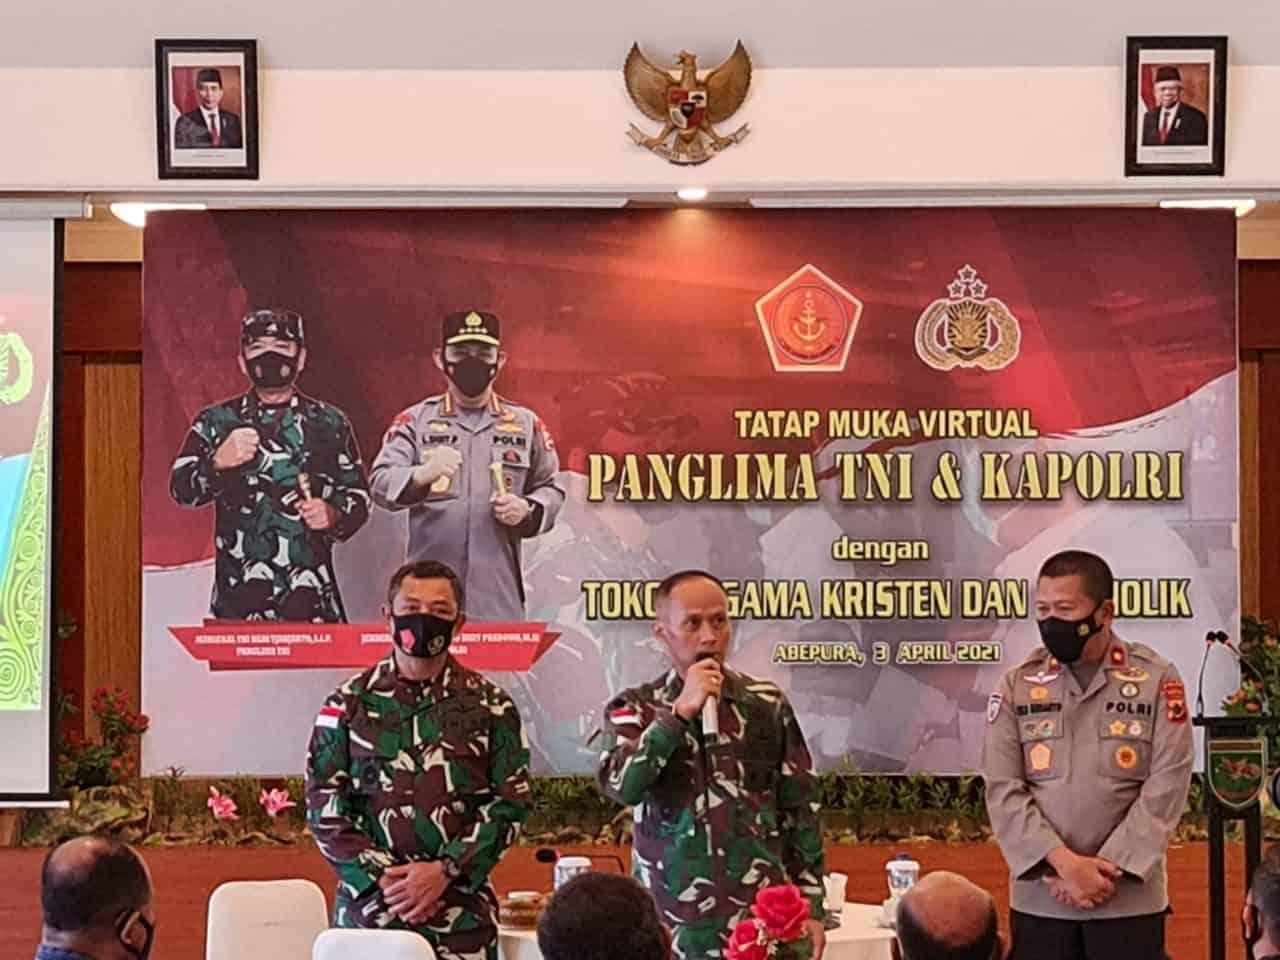 Panglima TNI Tatap Muka Virtual Dengan Jajaran Kodam XVII/Cenderawasih Bersama Tokoh Agama Papua